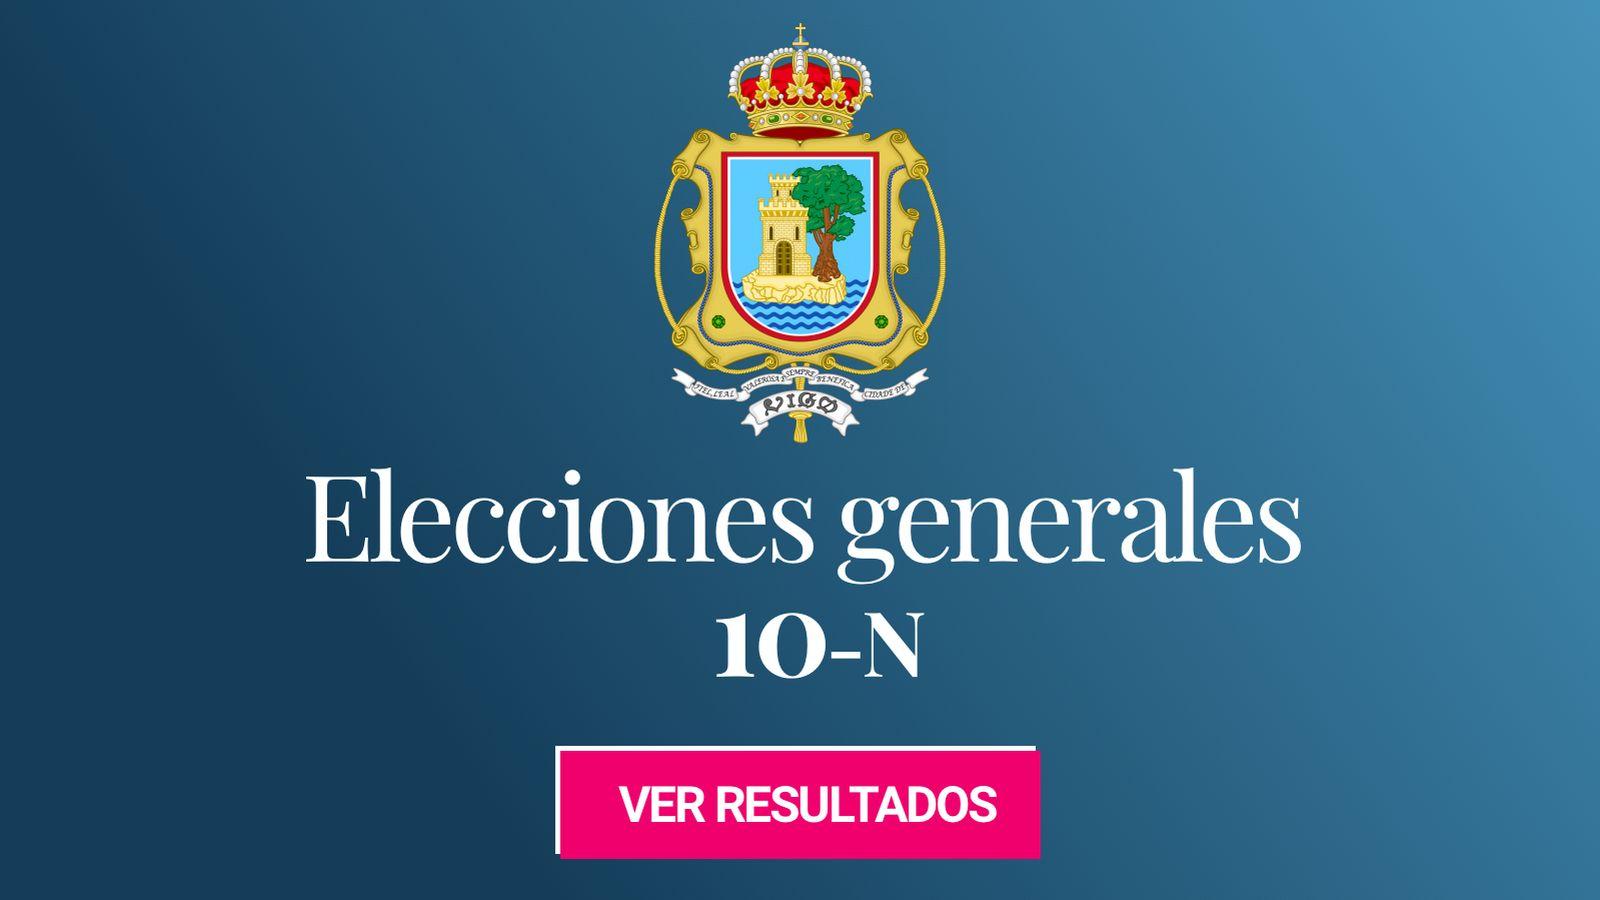 Foto: Elecciones generales 2019 en Vigo. (C.C./EC)